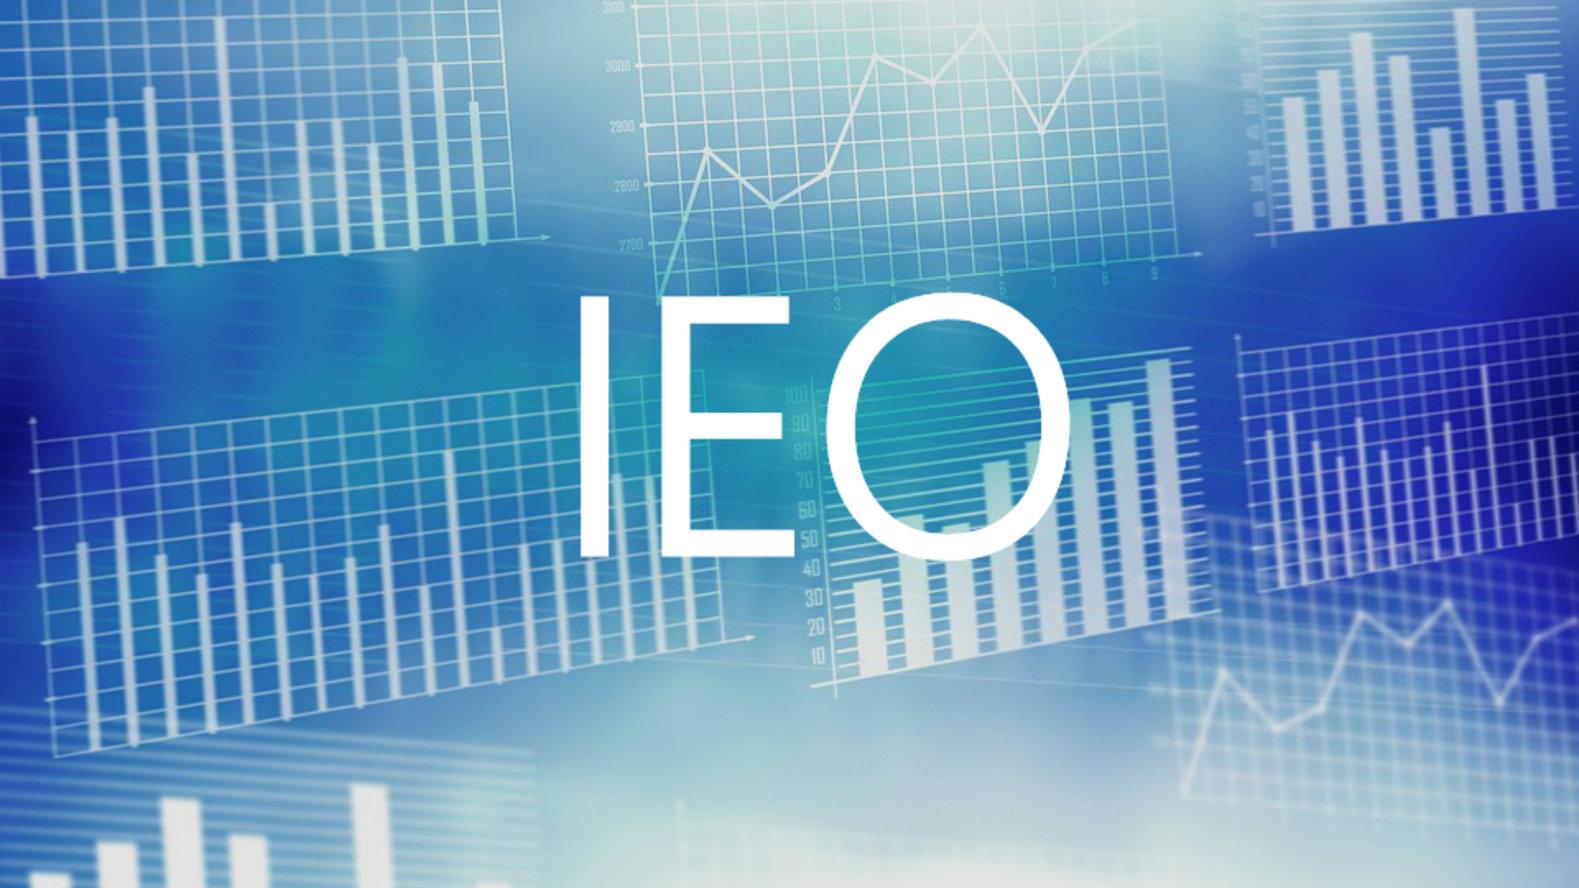 تقرير: نتائج الاكتتاب عبر منصات التداول (IEO) حتى شهر مايو الحالي